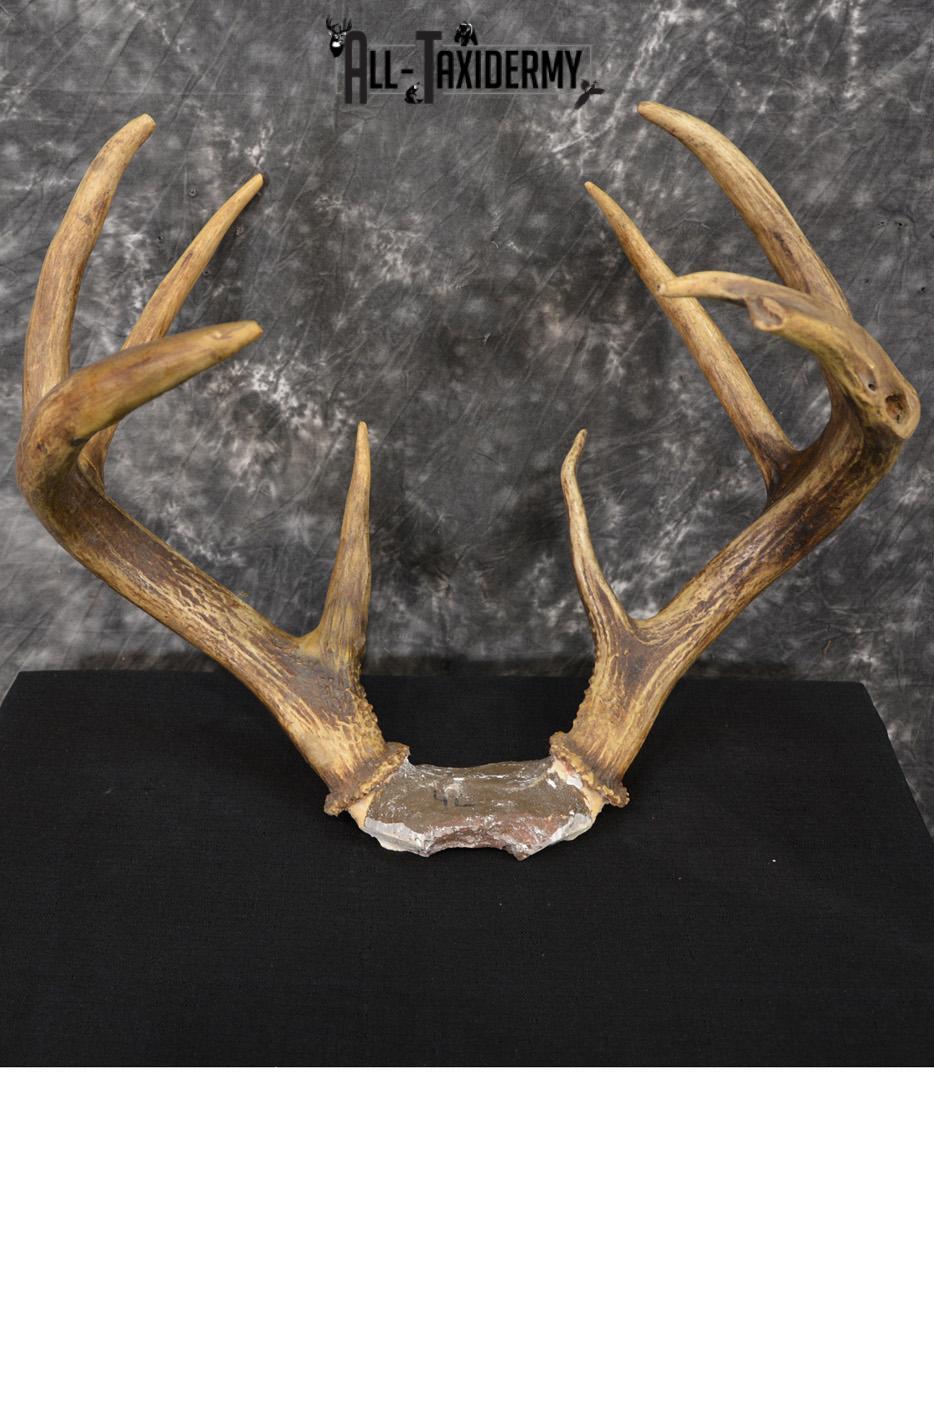 Whitetail Deer antler skull cap 8 point buck SKU 1418